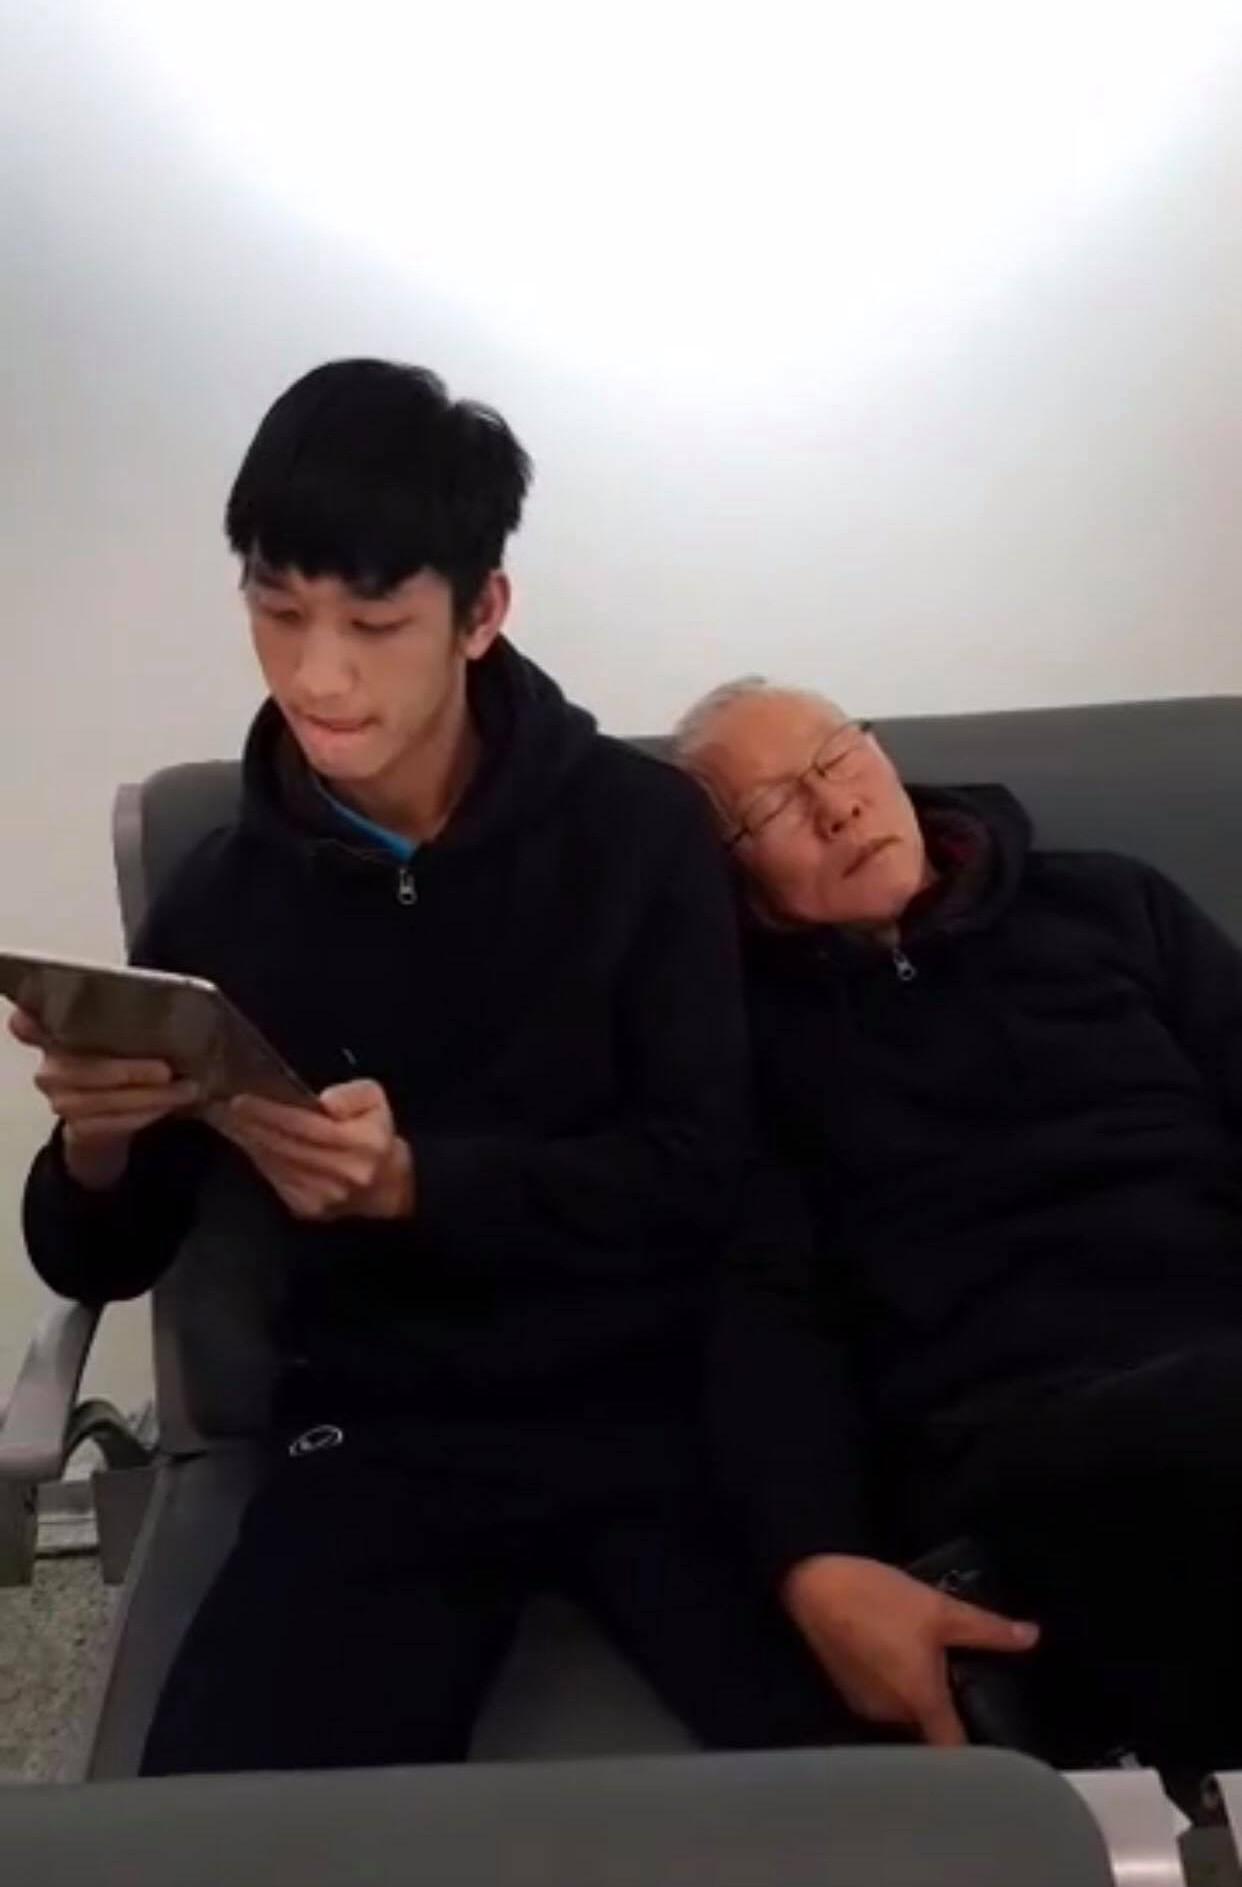 Ông chú Hàn Quốc Park Hang Seo cũng có những khoảnh khắc đáng yêu thế này - Ảnh 2.